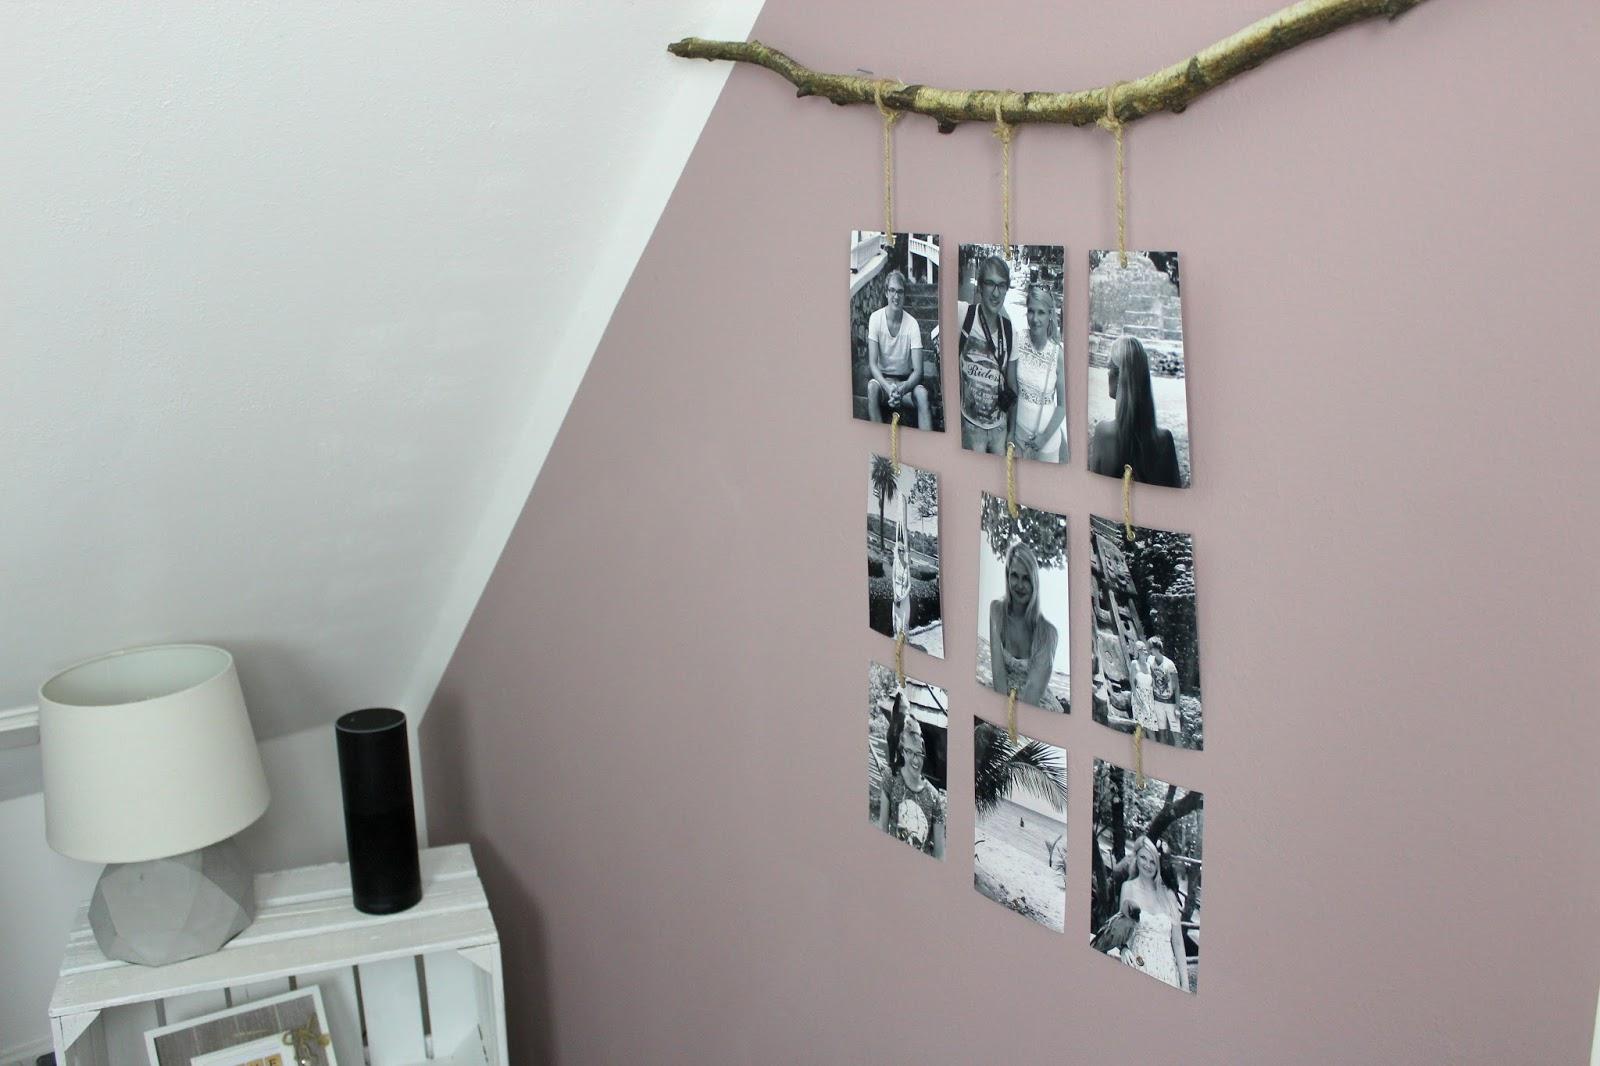 DIY Schlafzimmer Make Over - Vorher / Nachher mit tollen DIY und Einrichtungsideen in Kooperation mit Otto